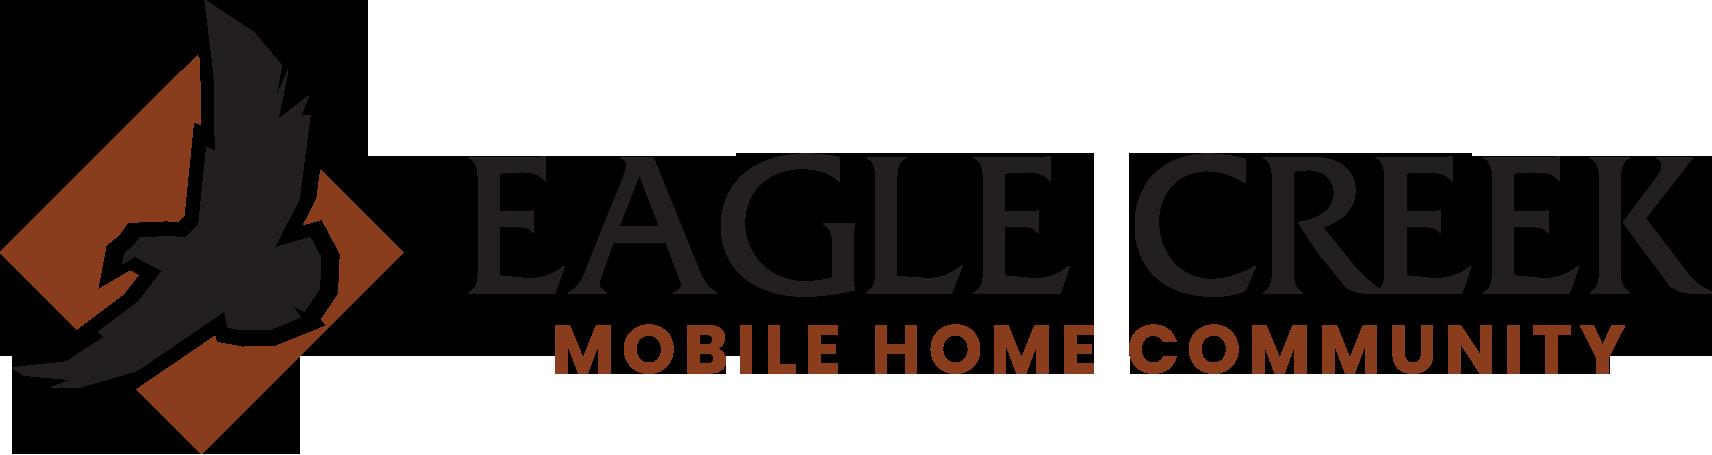 Eagle Creek Mobile Home Community